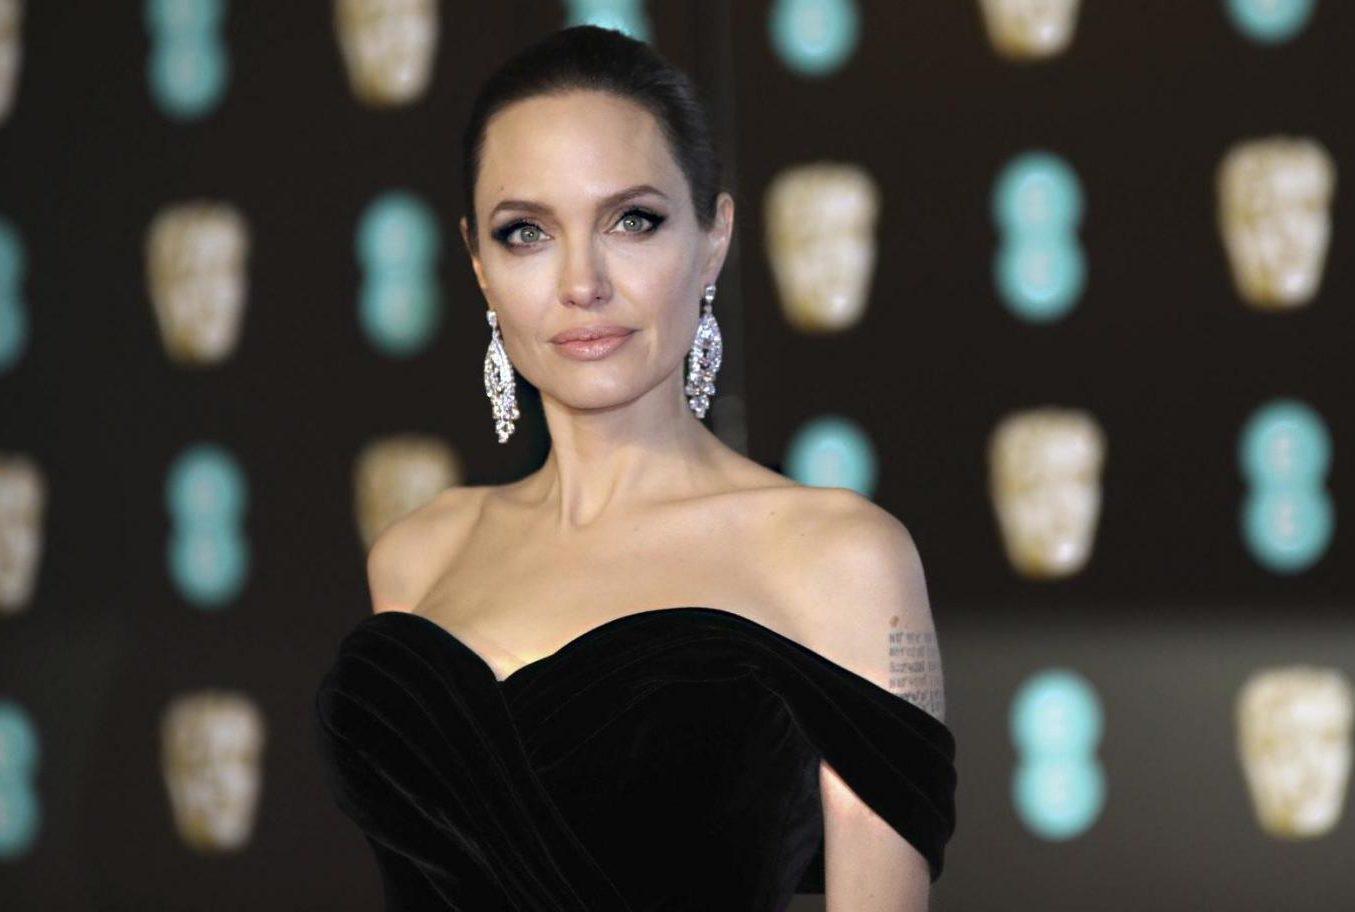 Анджелина Джоли сделала скандальное заявление о воспитании детей